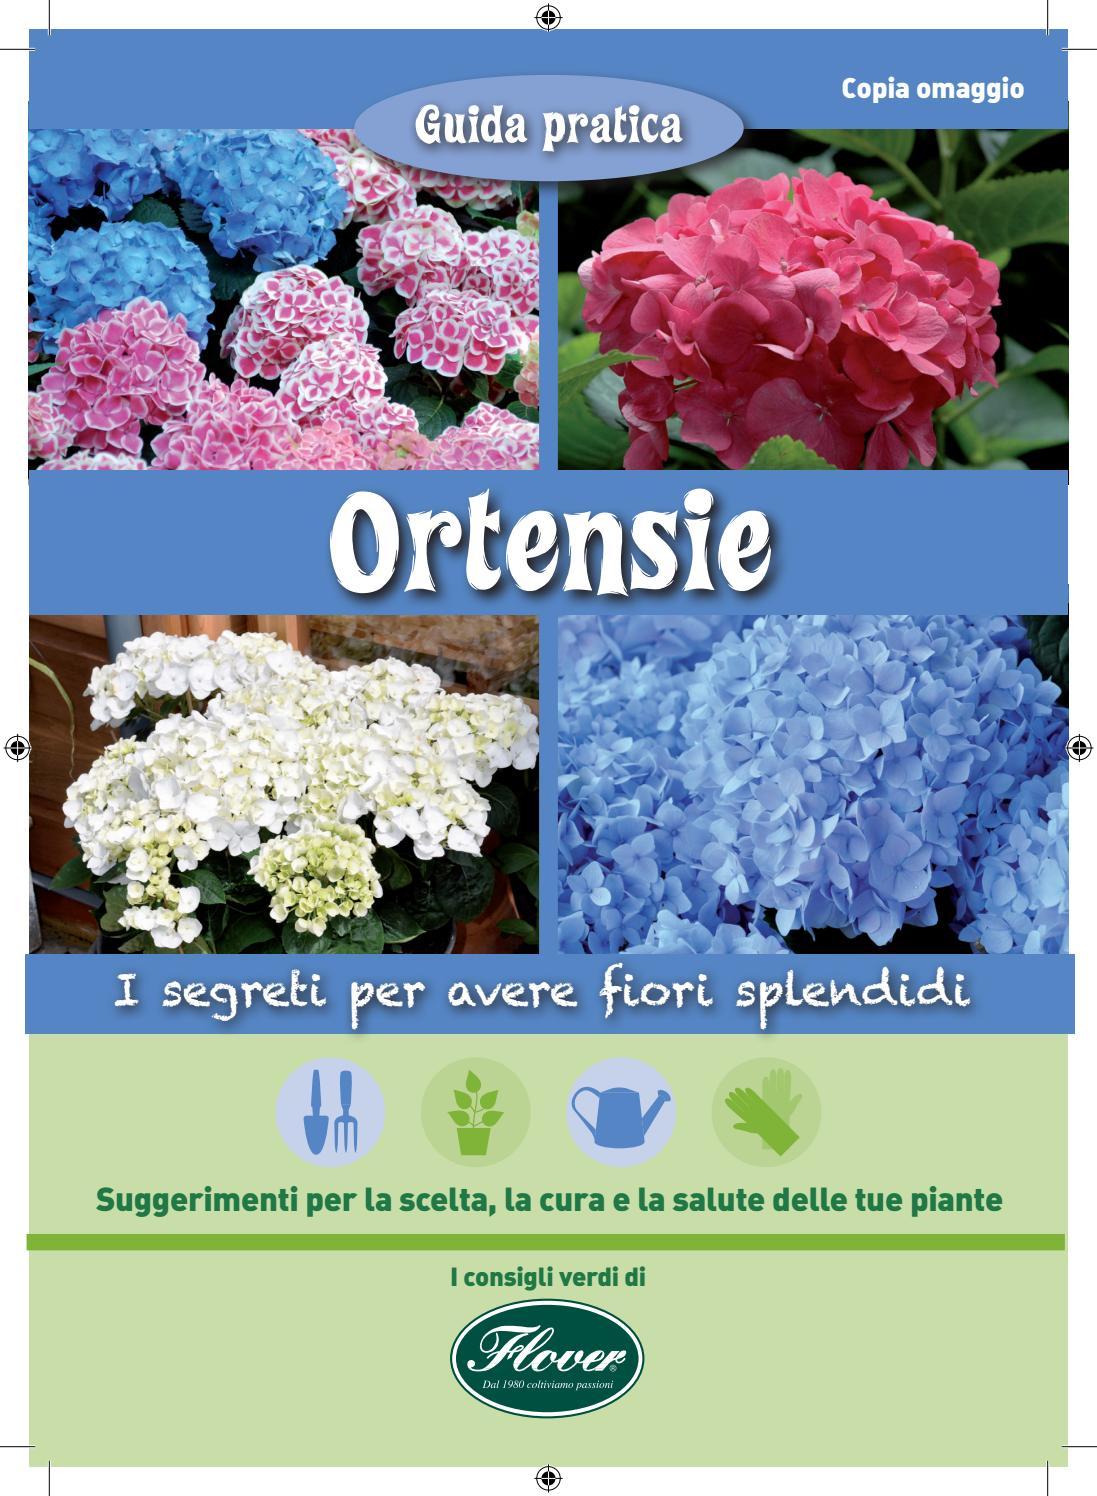 Come Potare A Palla ortensie - i segreti per avere fiori splendidi - flover by